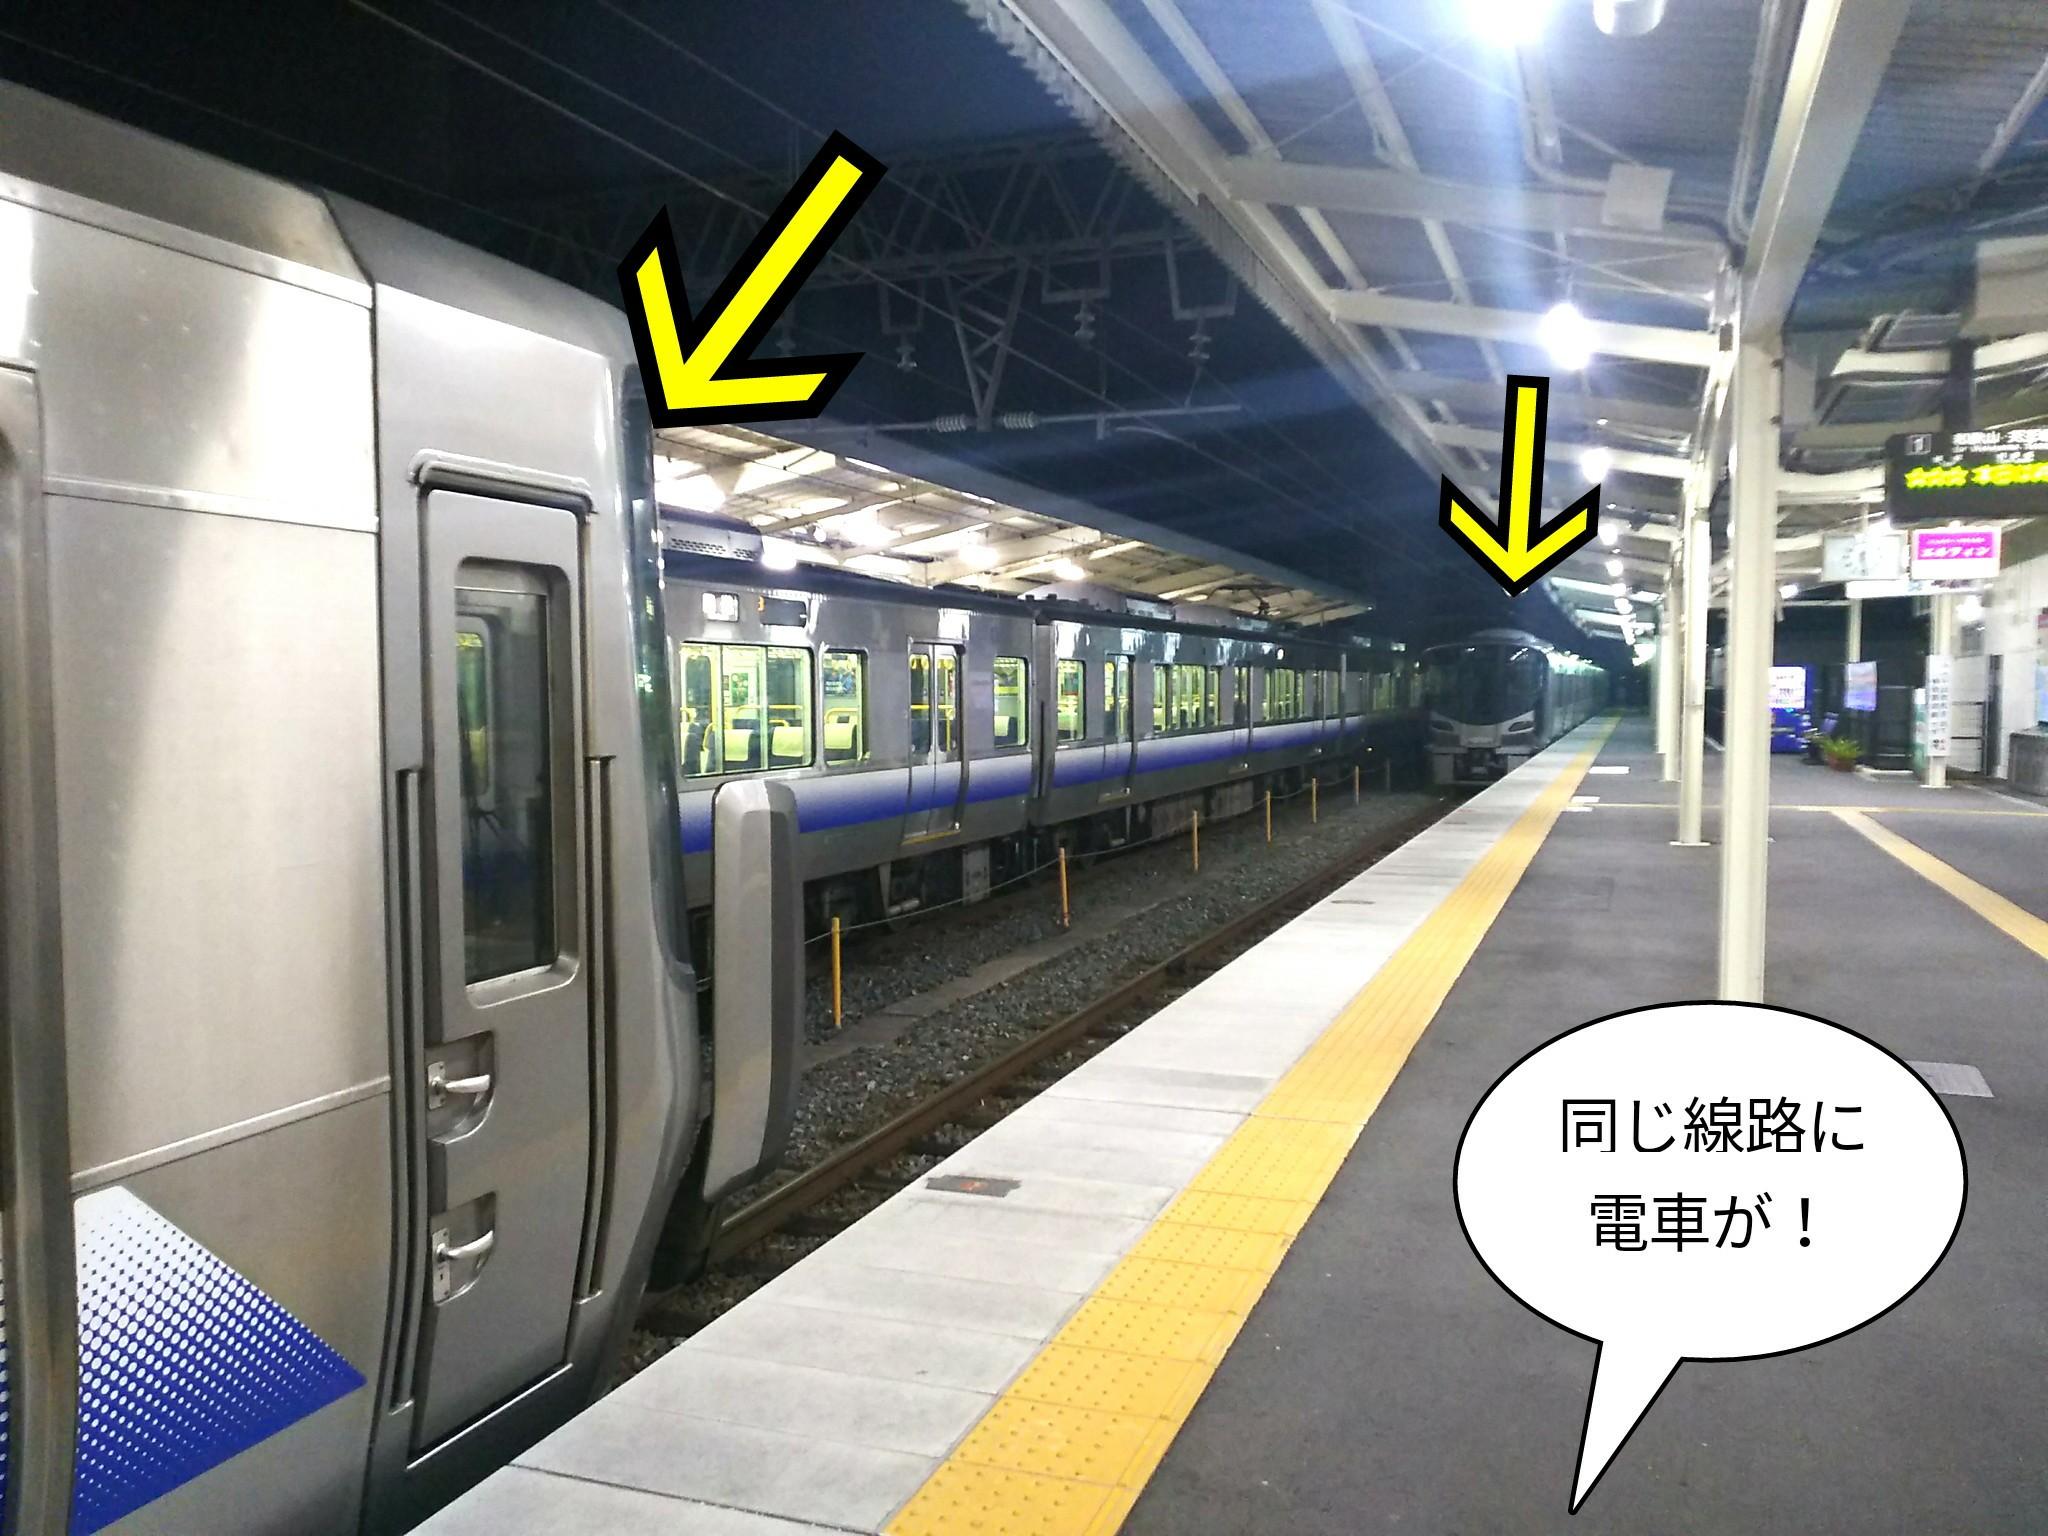 同じ線路に電車が!